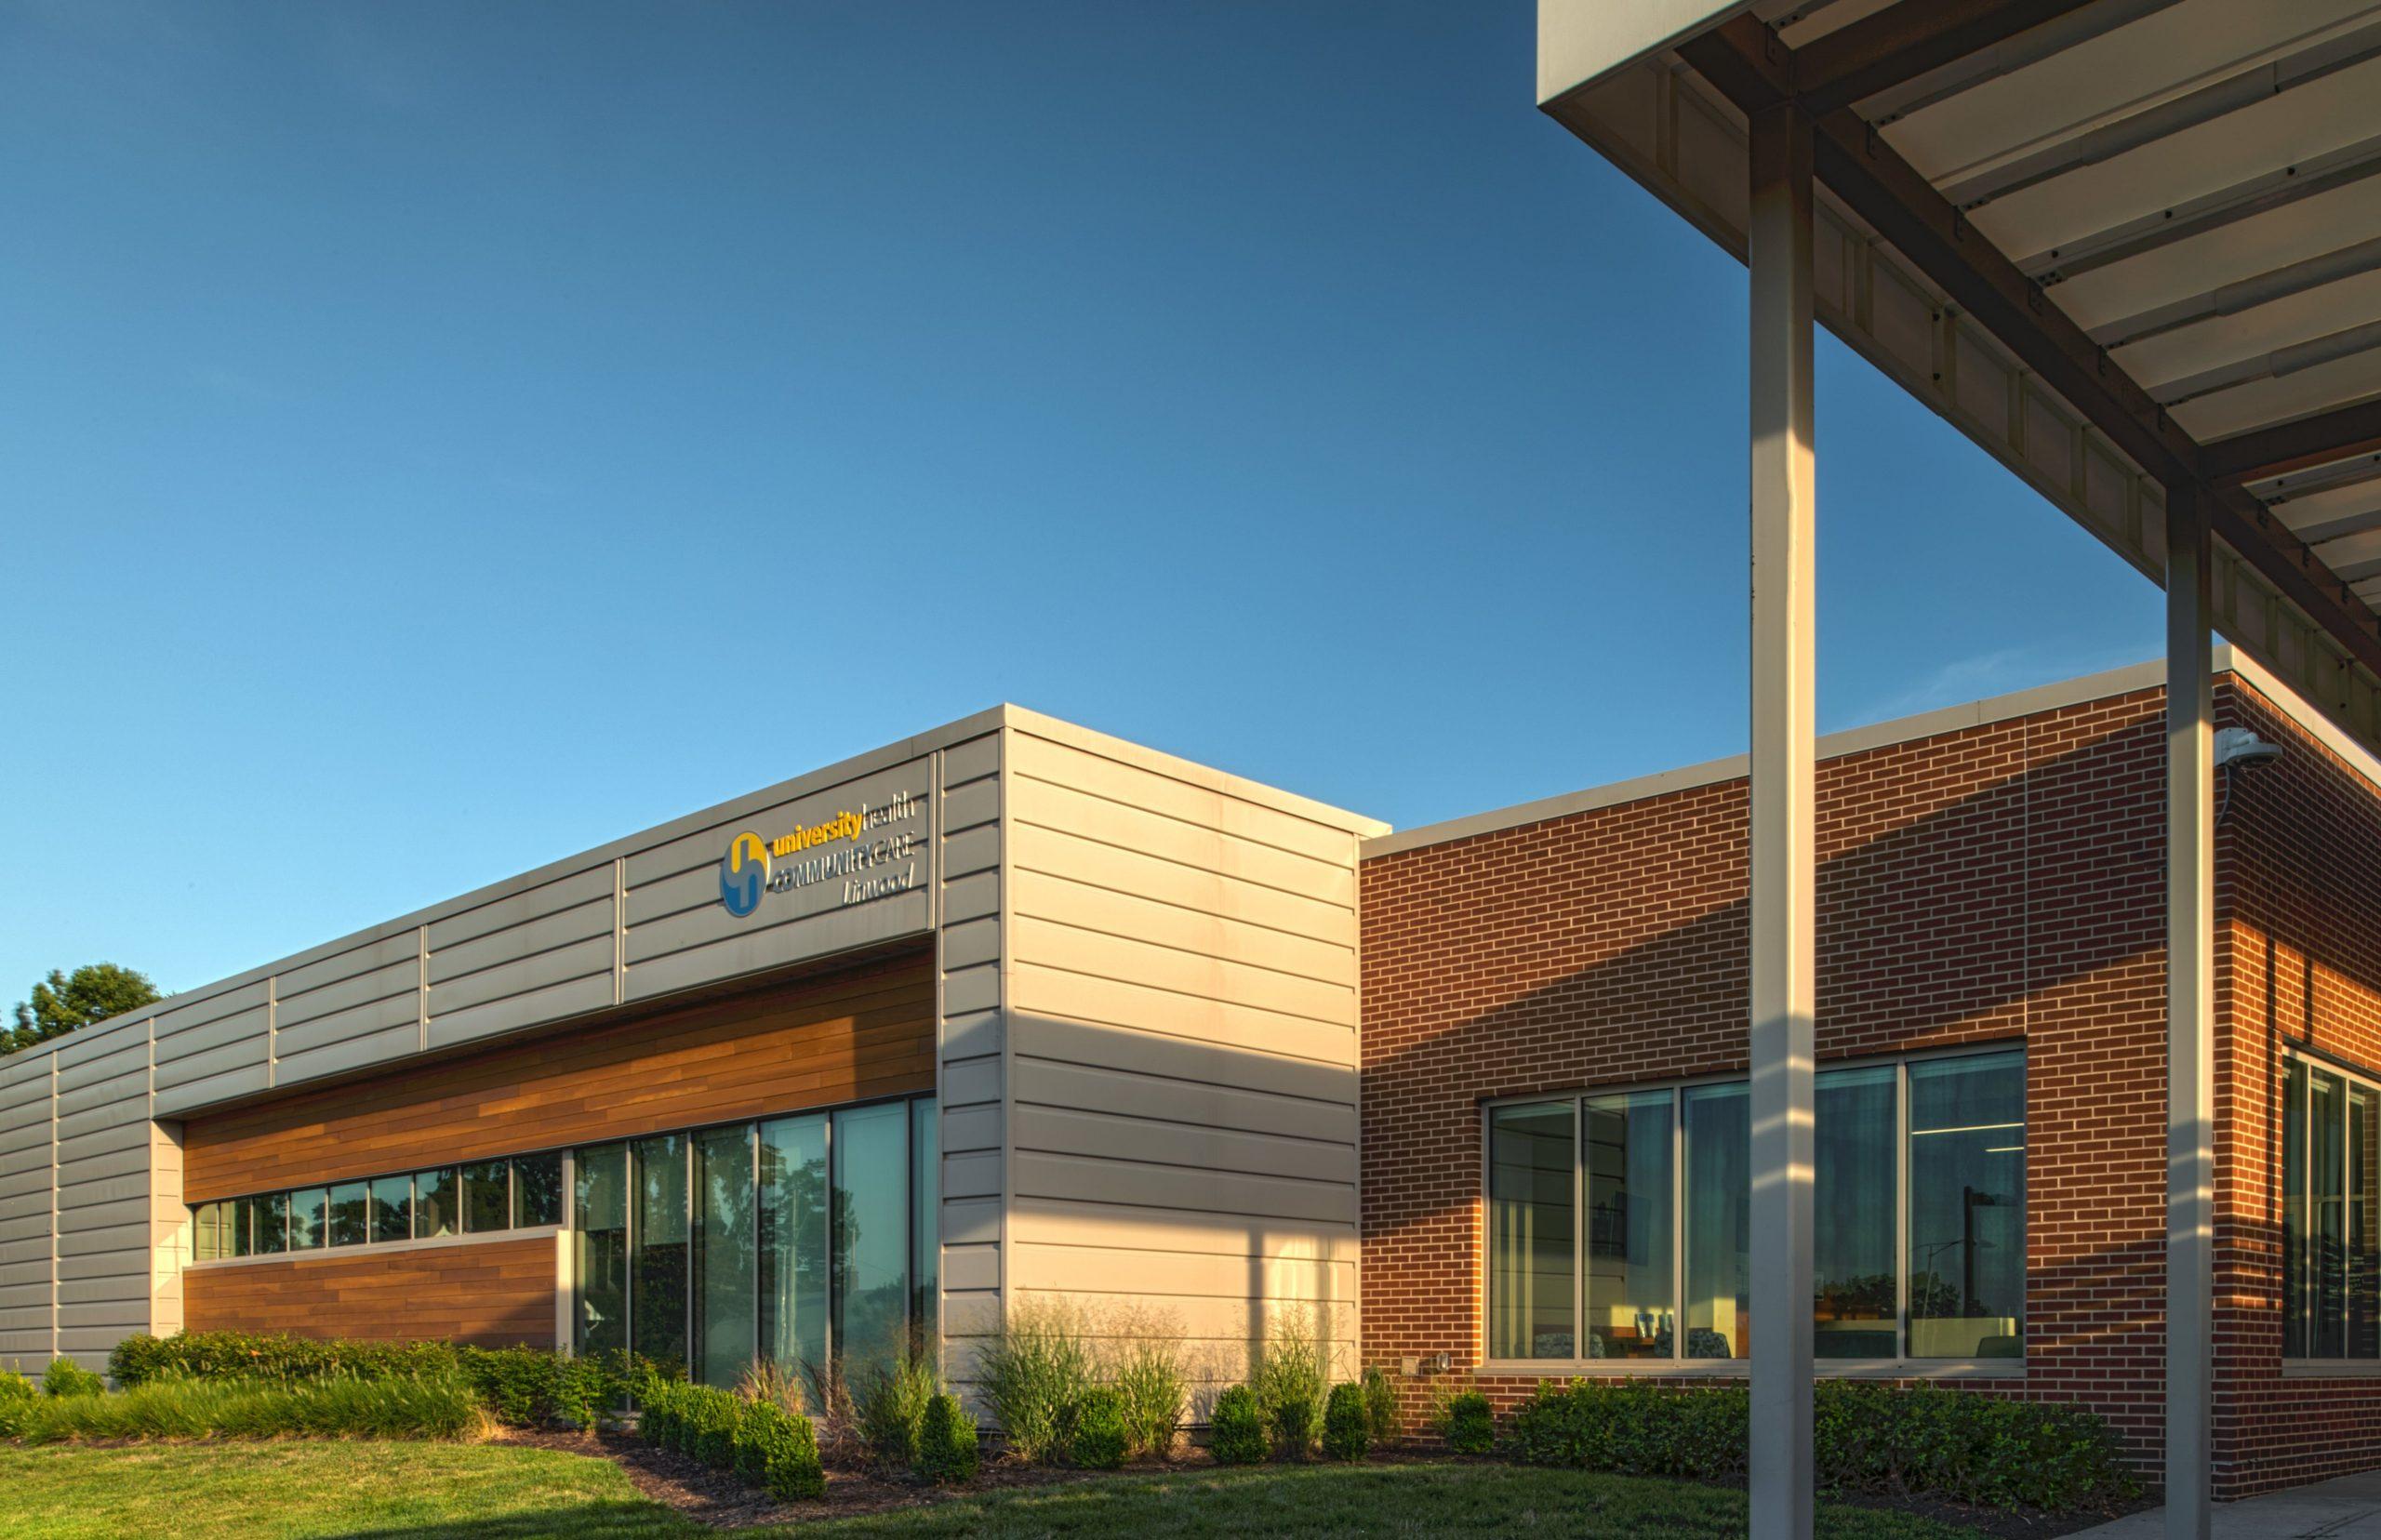 Linwood YMCA James B. Nutter Community Center